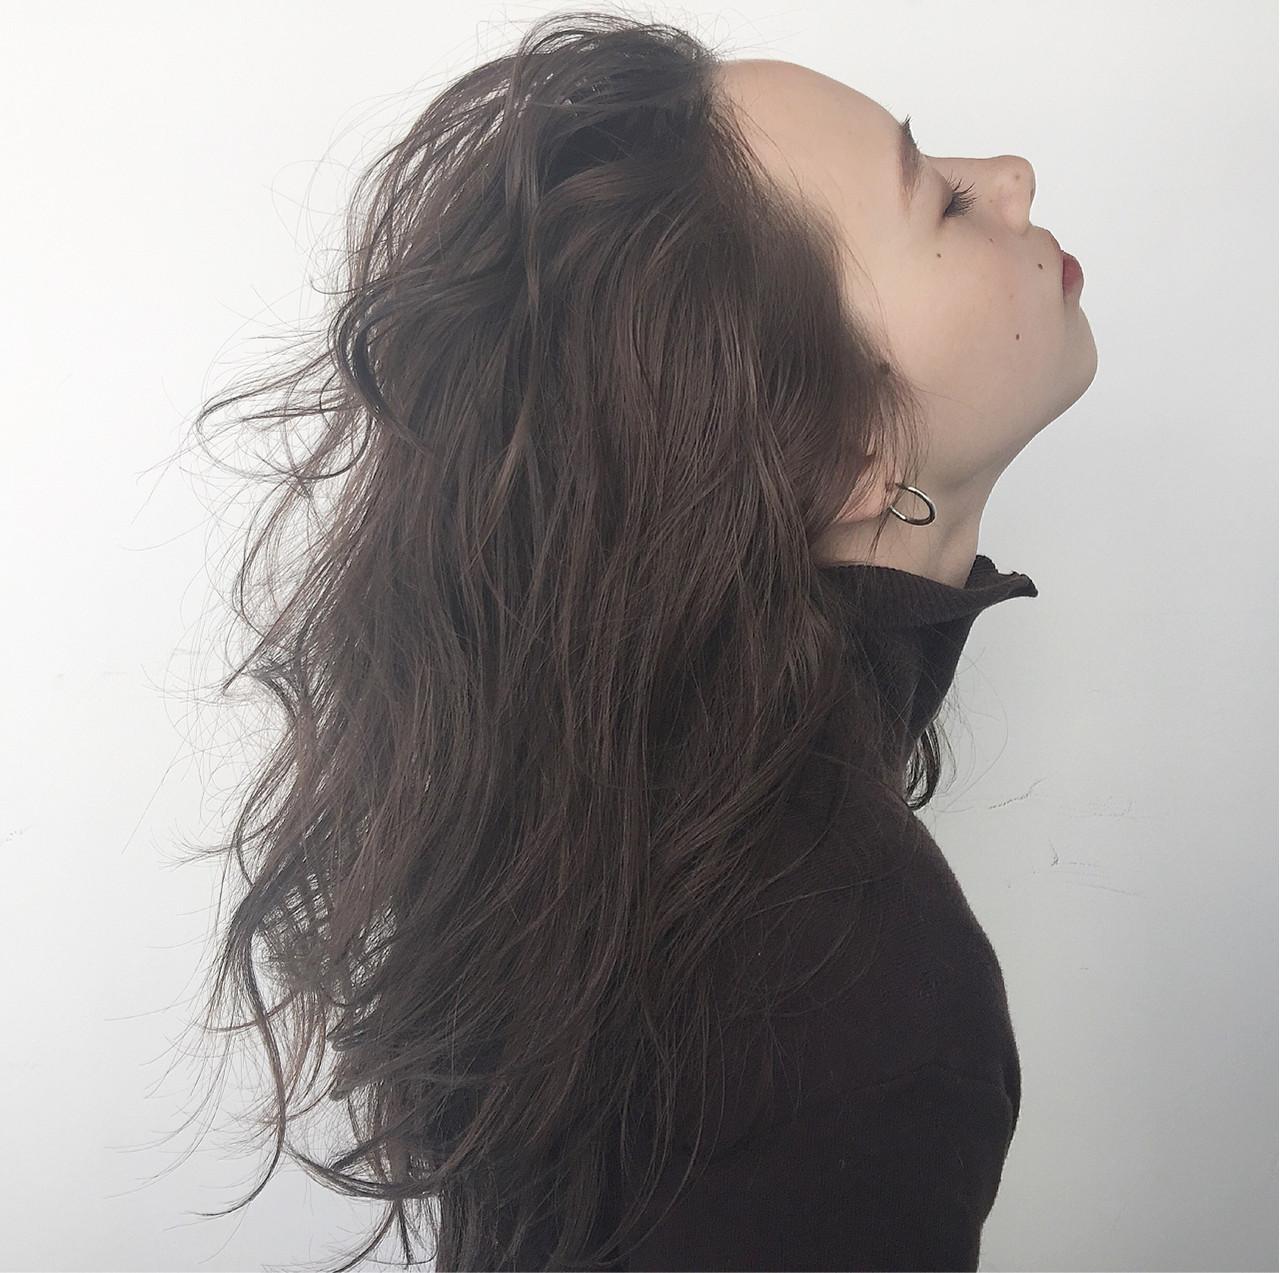 グレージュ 外国人風 セミロング 暗髪 ヘアスタイルや髪型の写真・画像